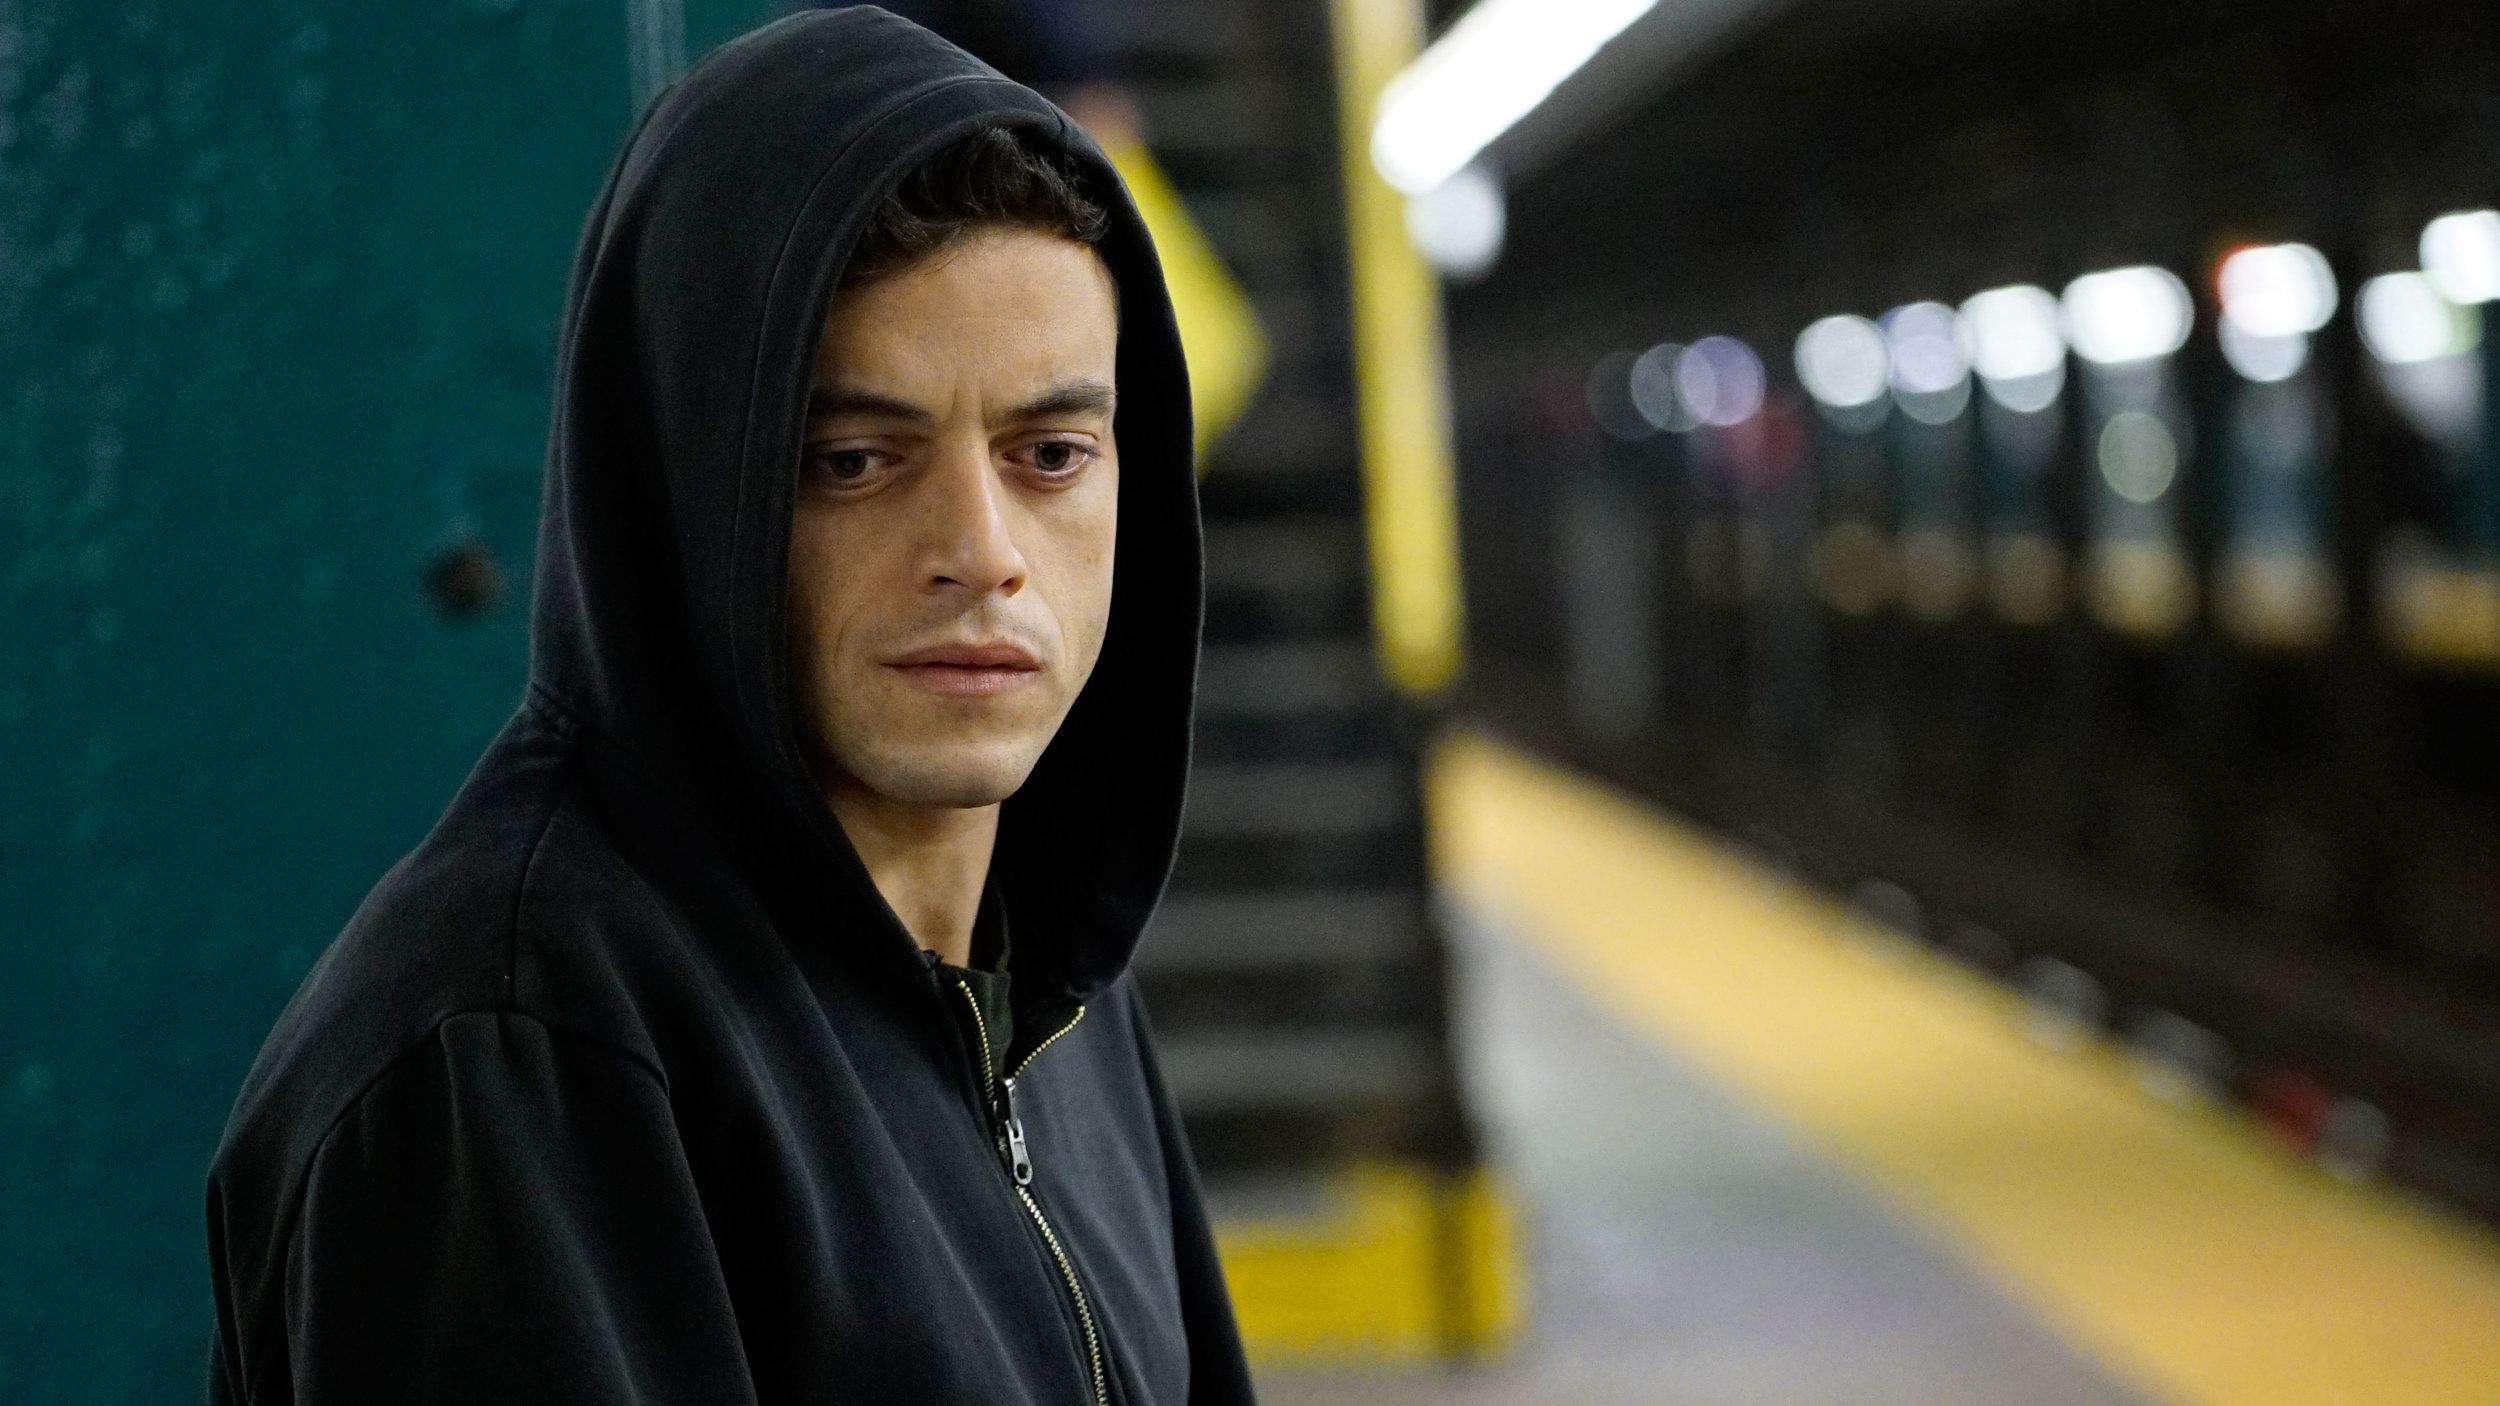 Rami Mallek as the drug addict protagonist; image  via